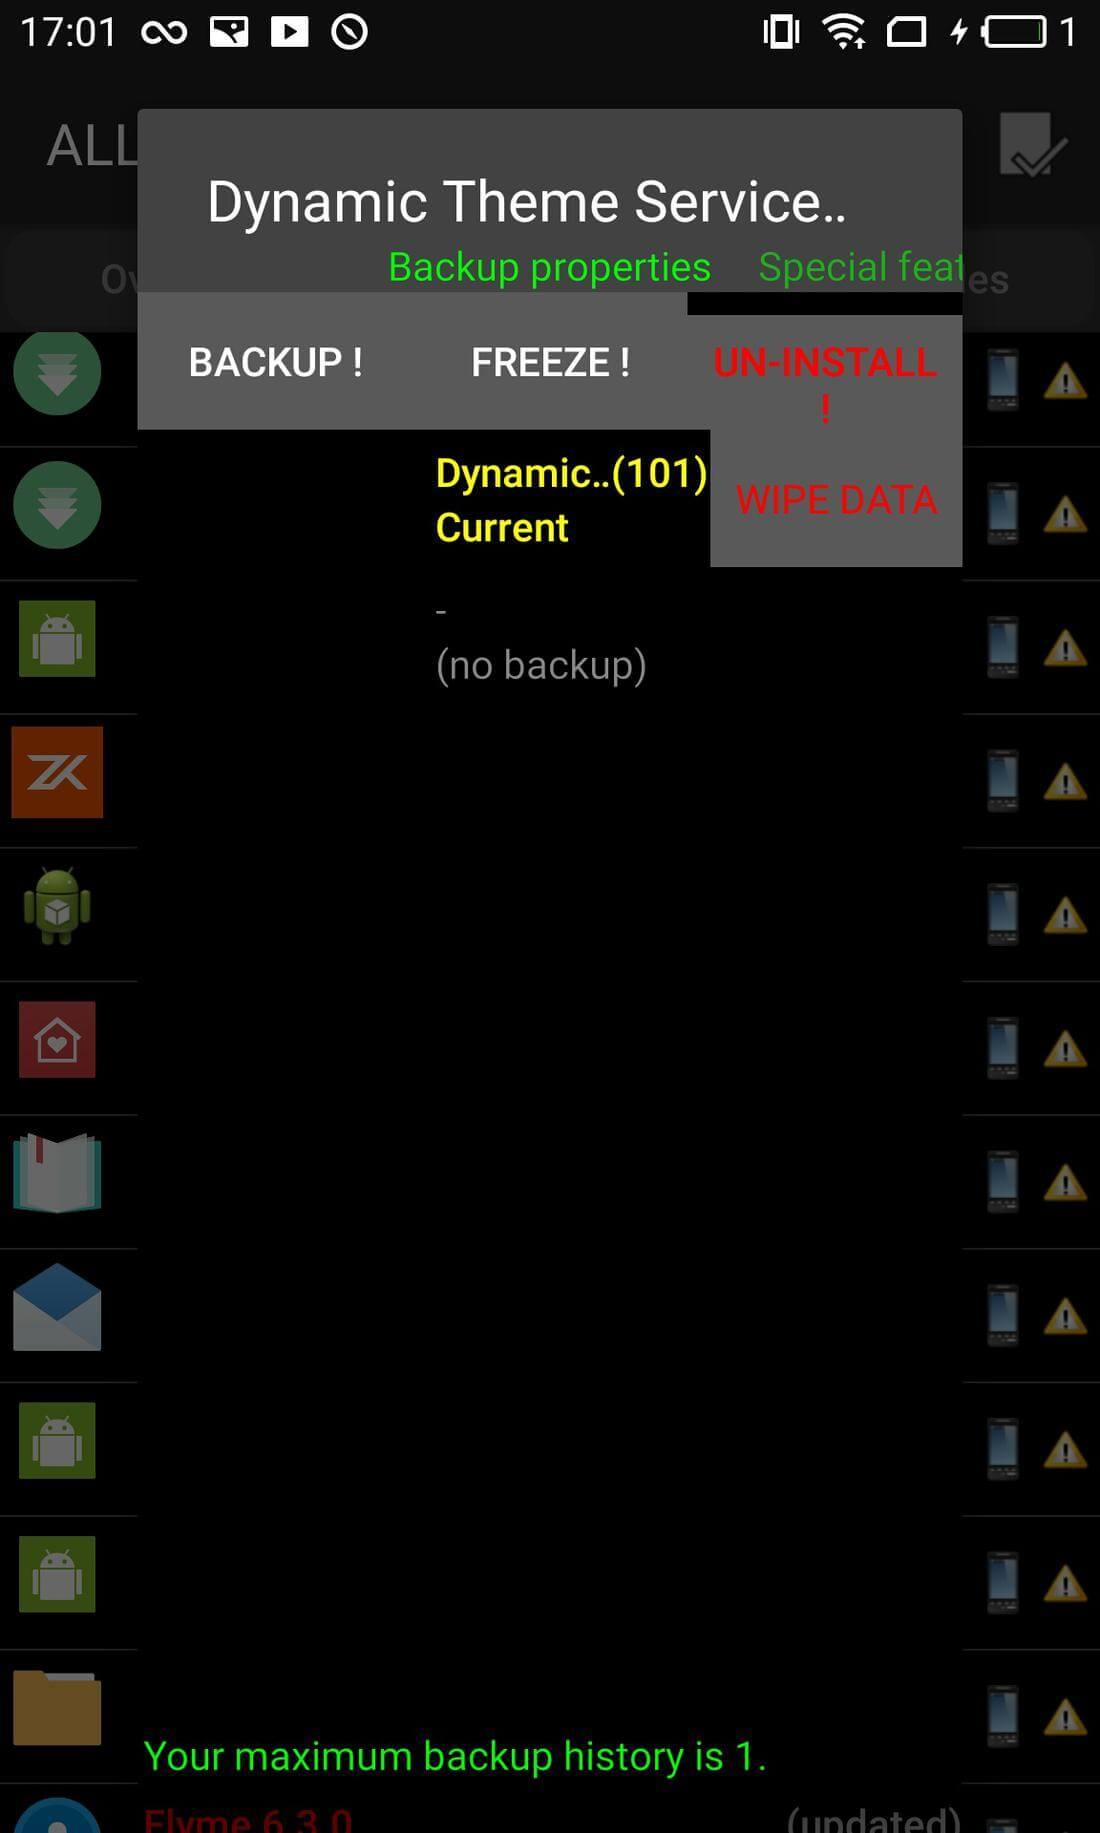 Скриншот #3 из программы Titanium Backup